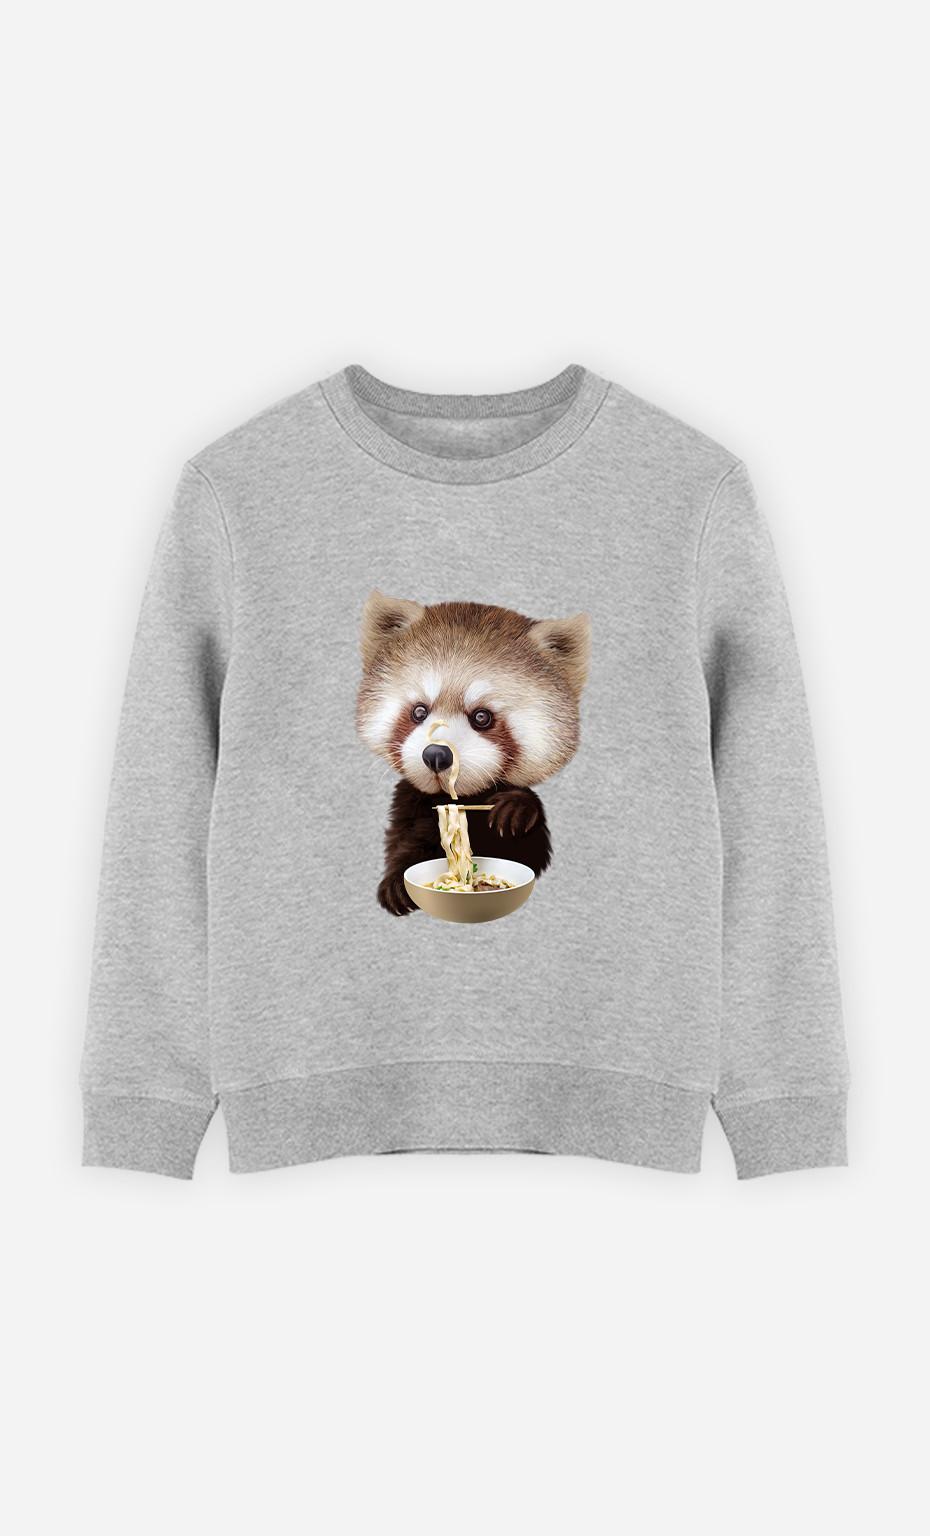 Kid Sweatshirt Red Panda Loves Noodles